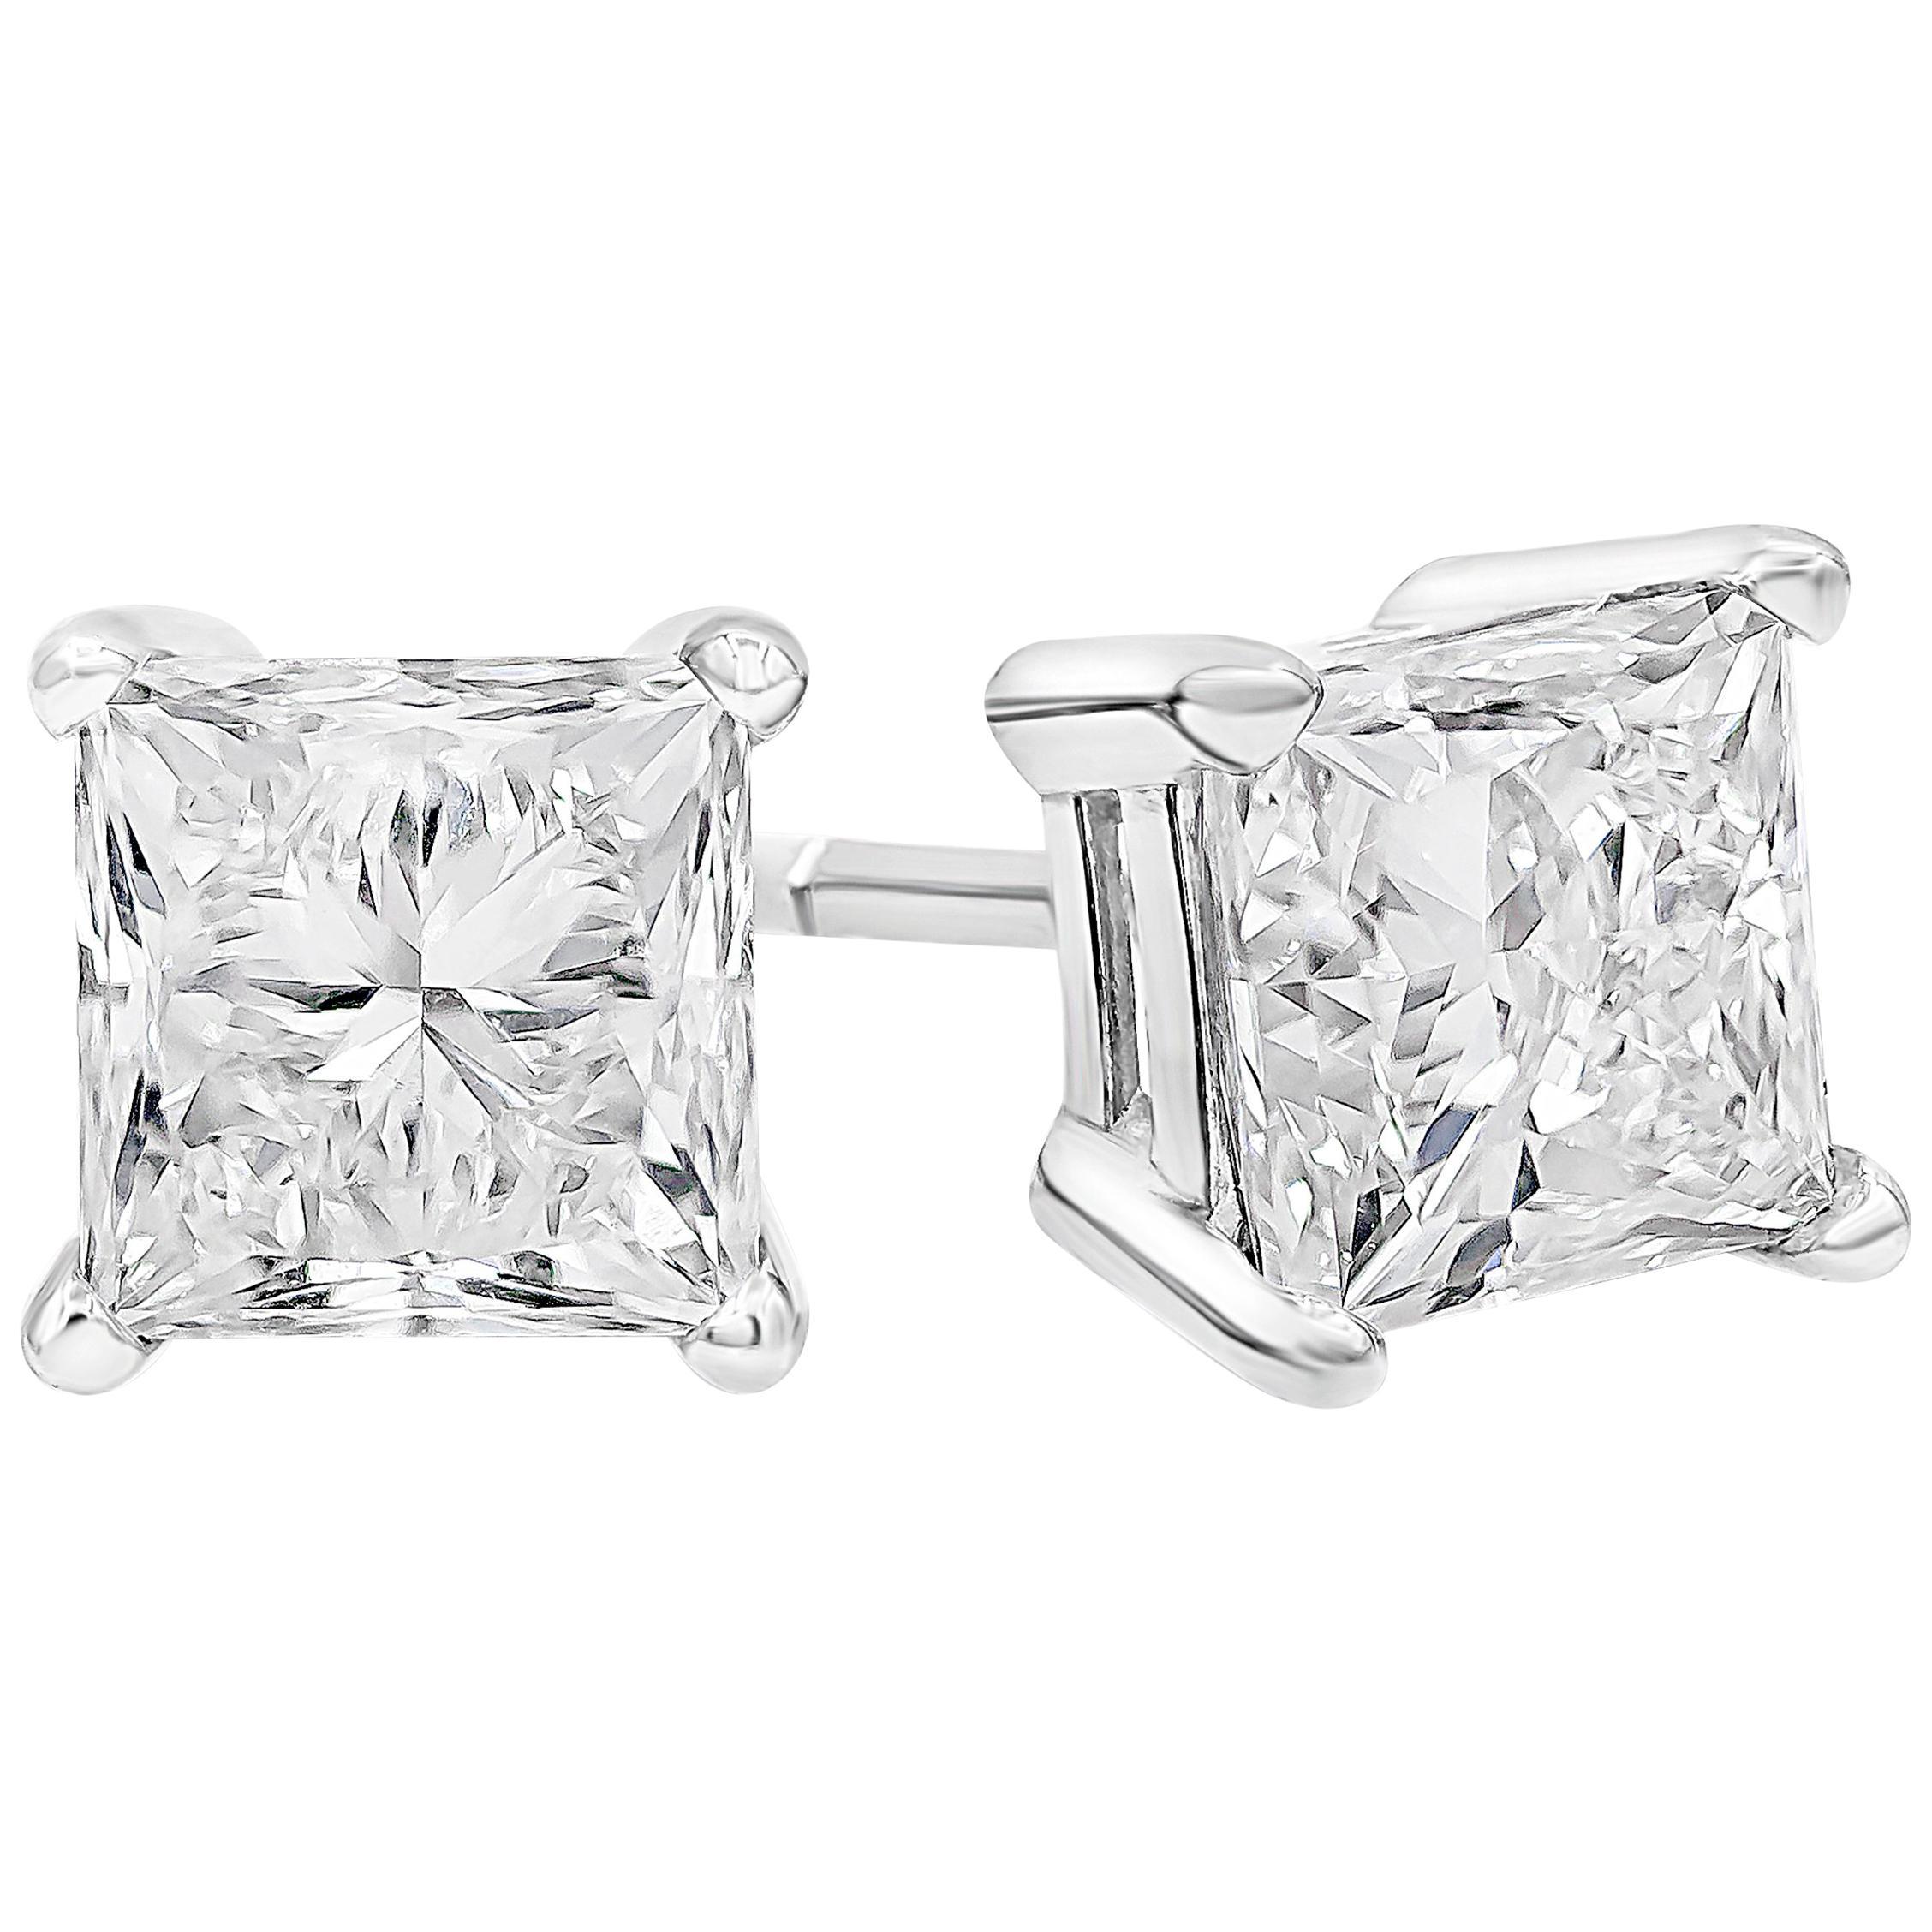 Roman Malakov, 1.90 Carat Total Princess Cut Diamond Stud Earrings